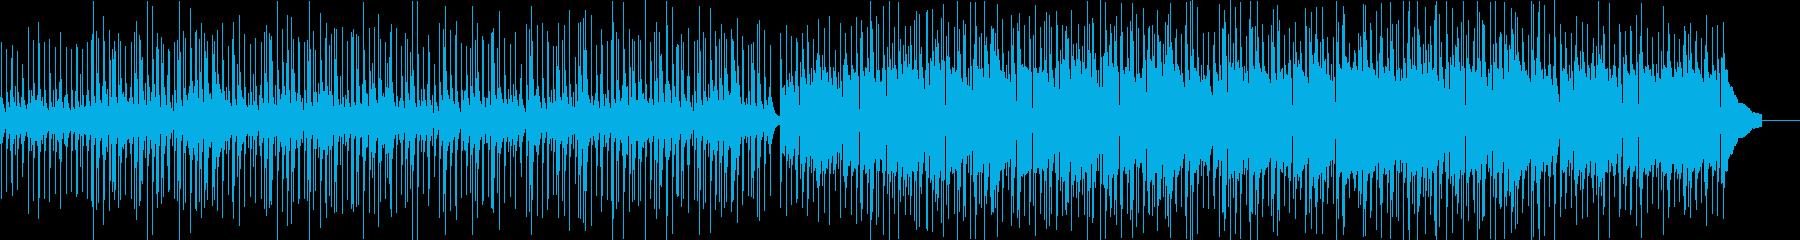 【ドラム抜き】のんびりしたゆるいウクレレの再生済みの波形